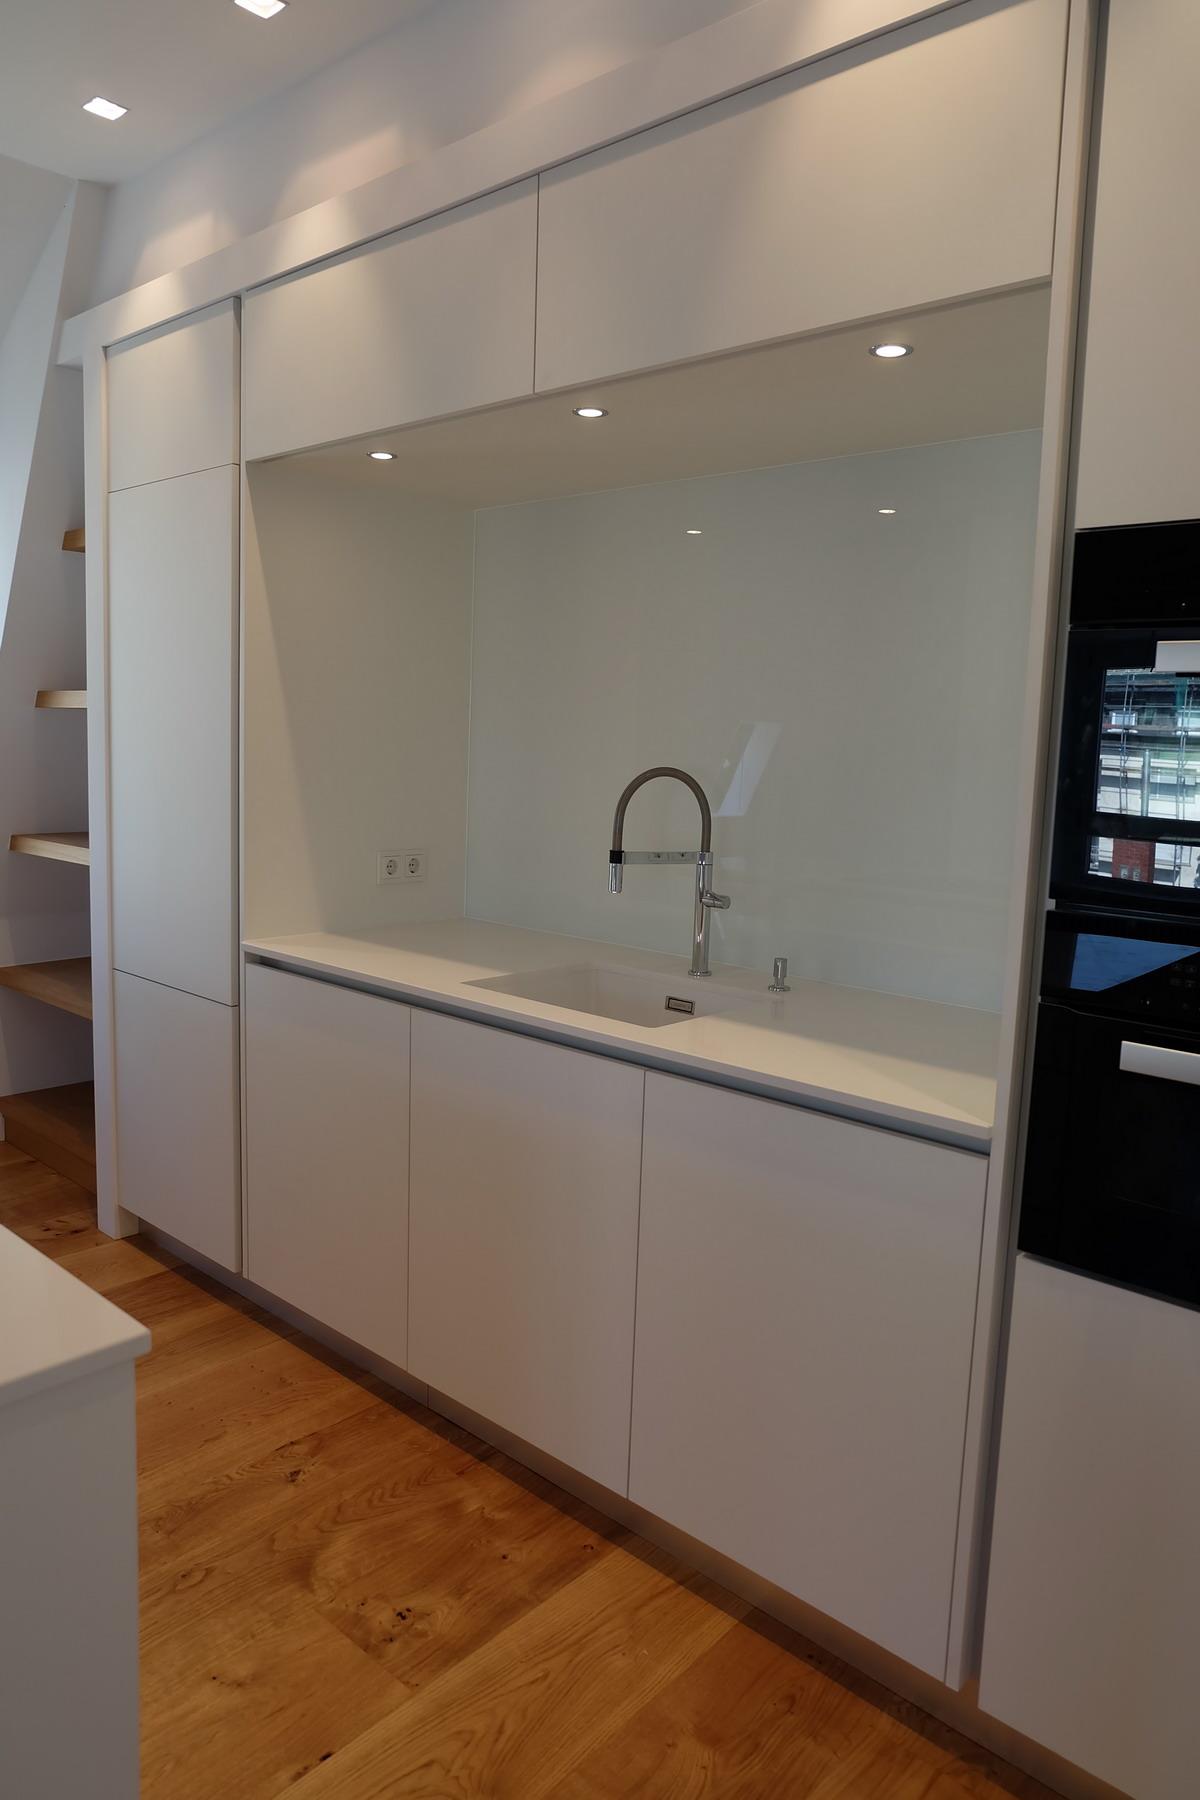 Küche, Boden, Schrank Eiche & Lack 6